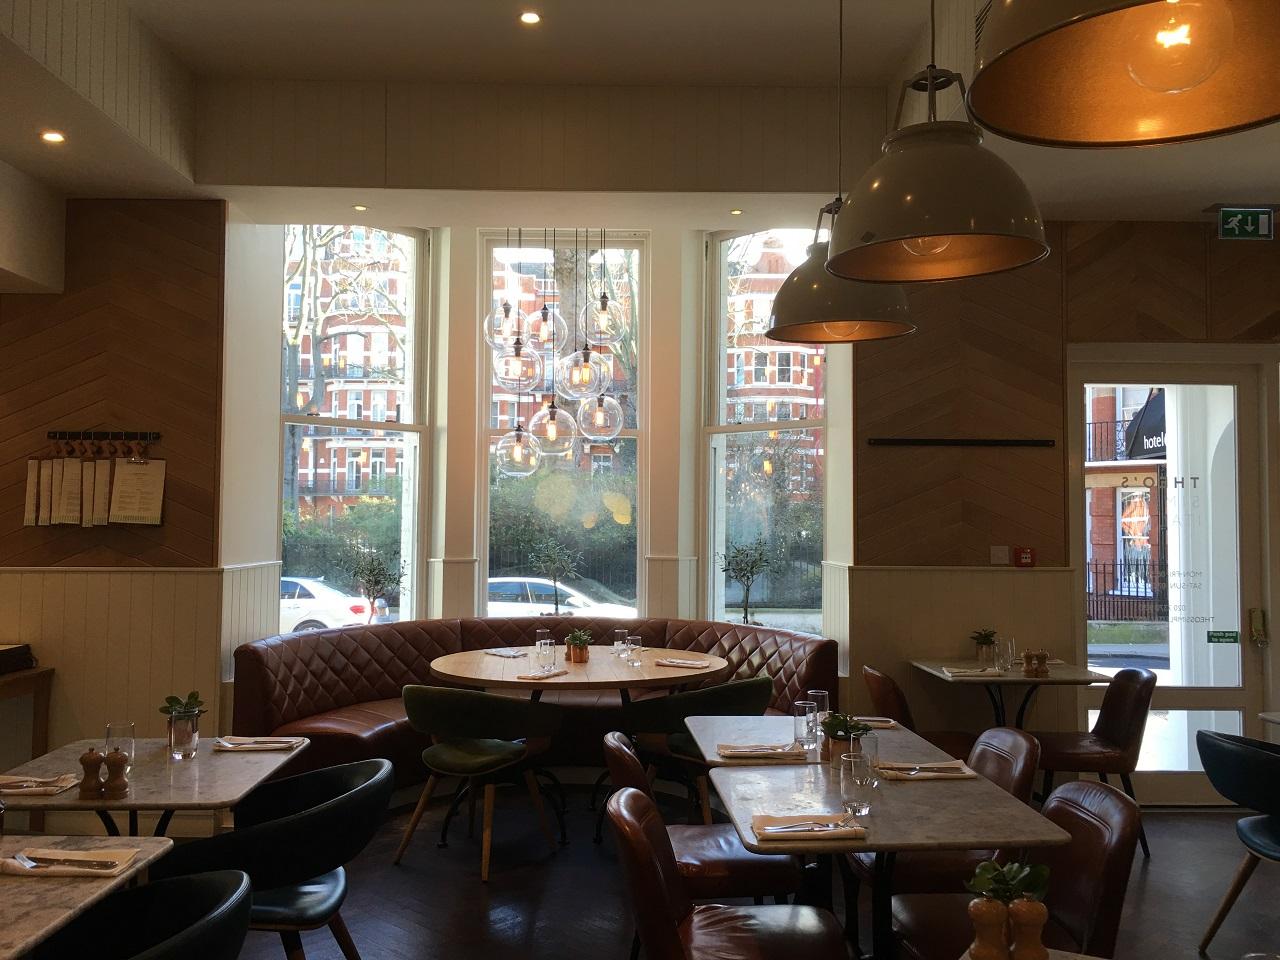 ホテル インディゴ ロンドン ケンジントンで食べる朝ごはん